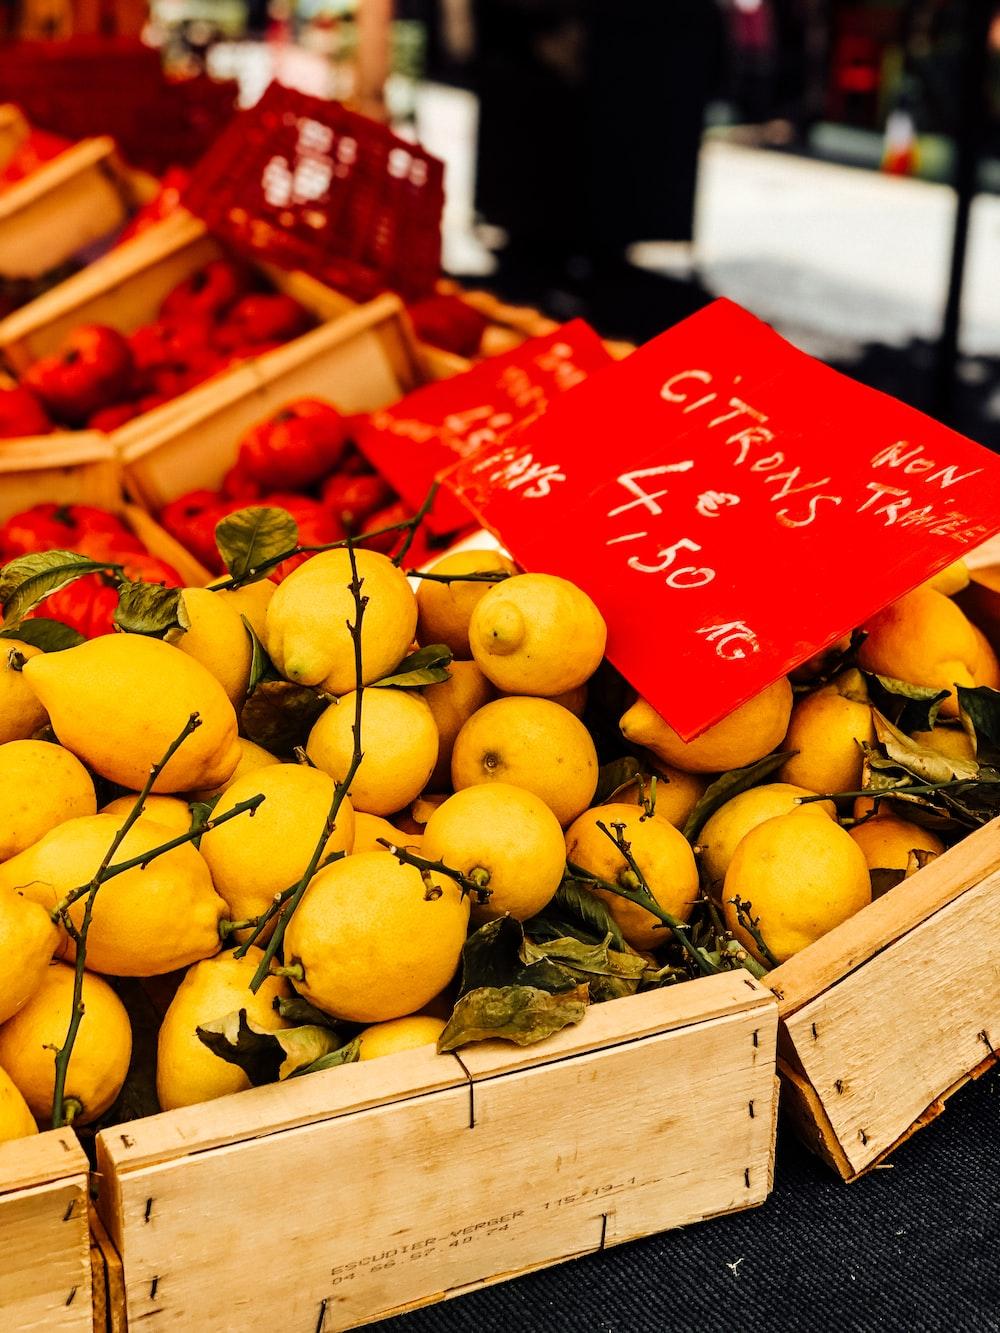 box of round yellow fruits